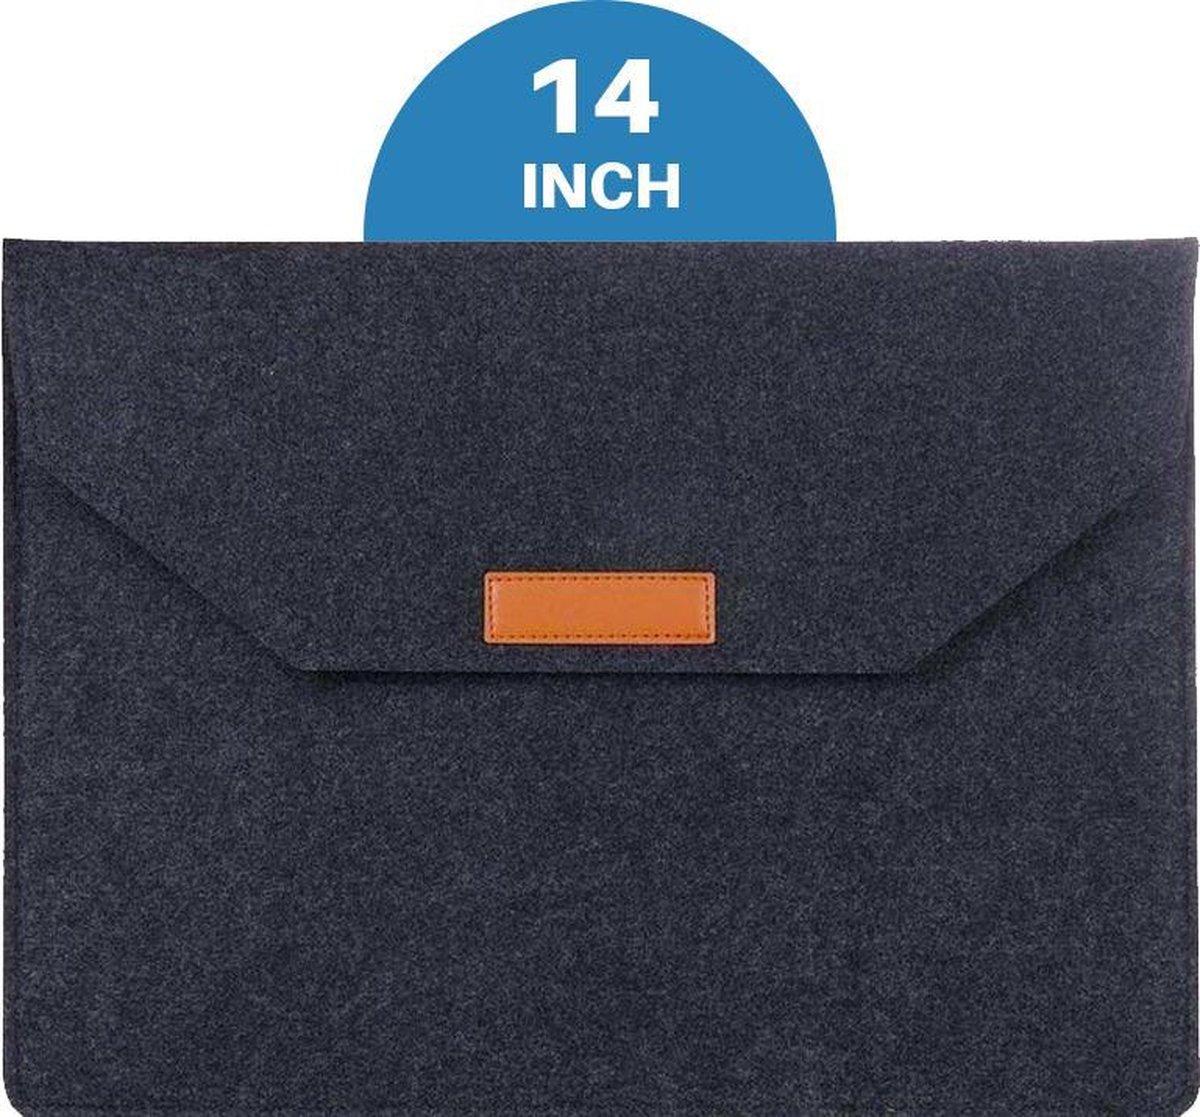 Macbook en Laptop Soft Sleeve Case Zwart - Geschikt voor Macbook Pro & Air 13 inch (13,3'') - Laptop